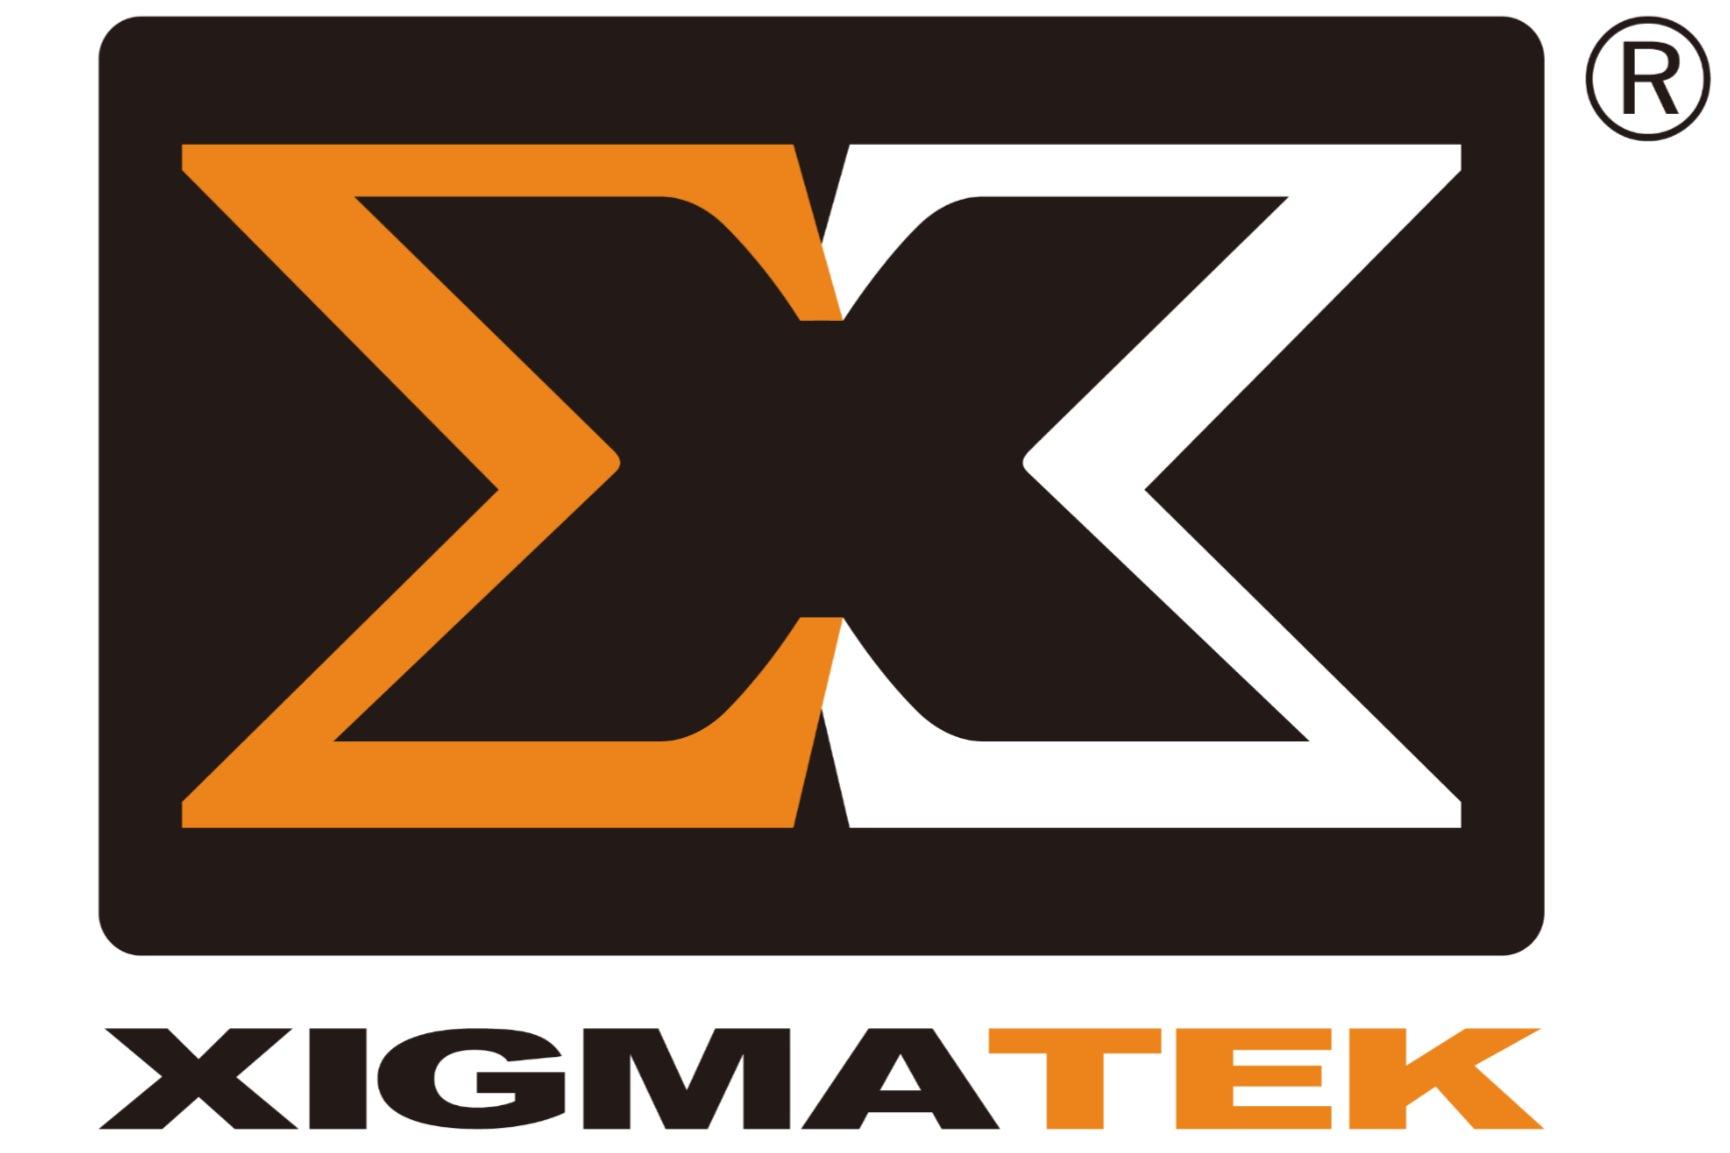 زيجماتيك | Xigmatek